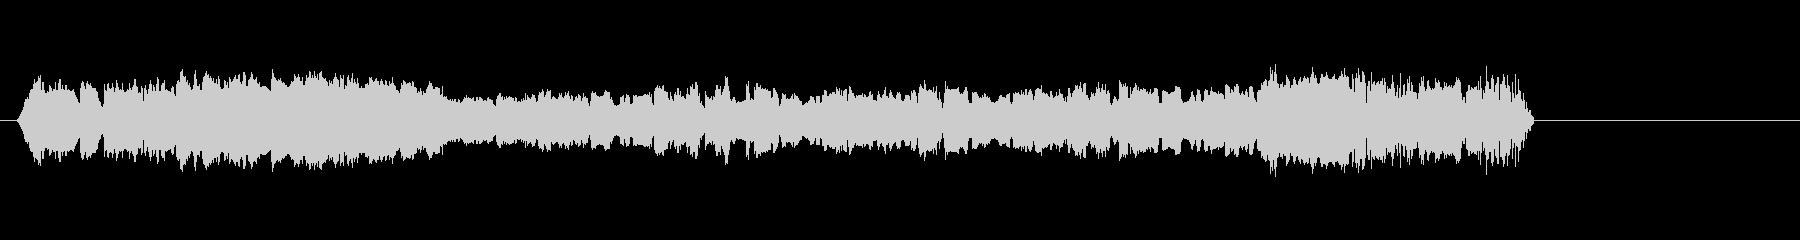 シンセの変更と歪みに関する高速シー...の未再生の波形